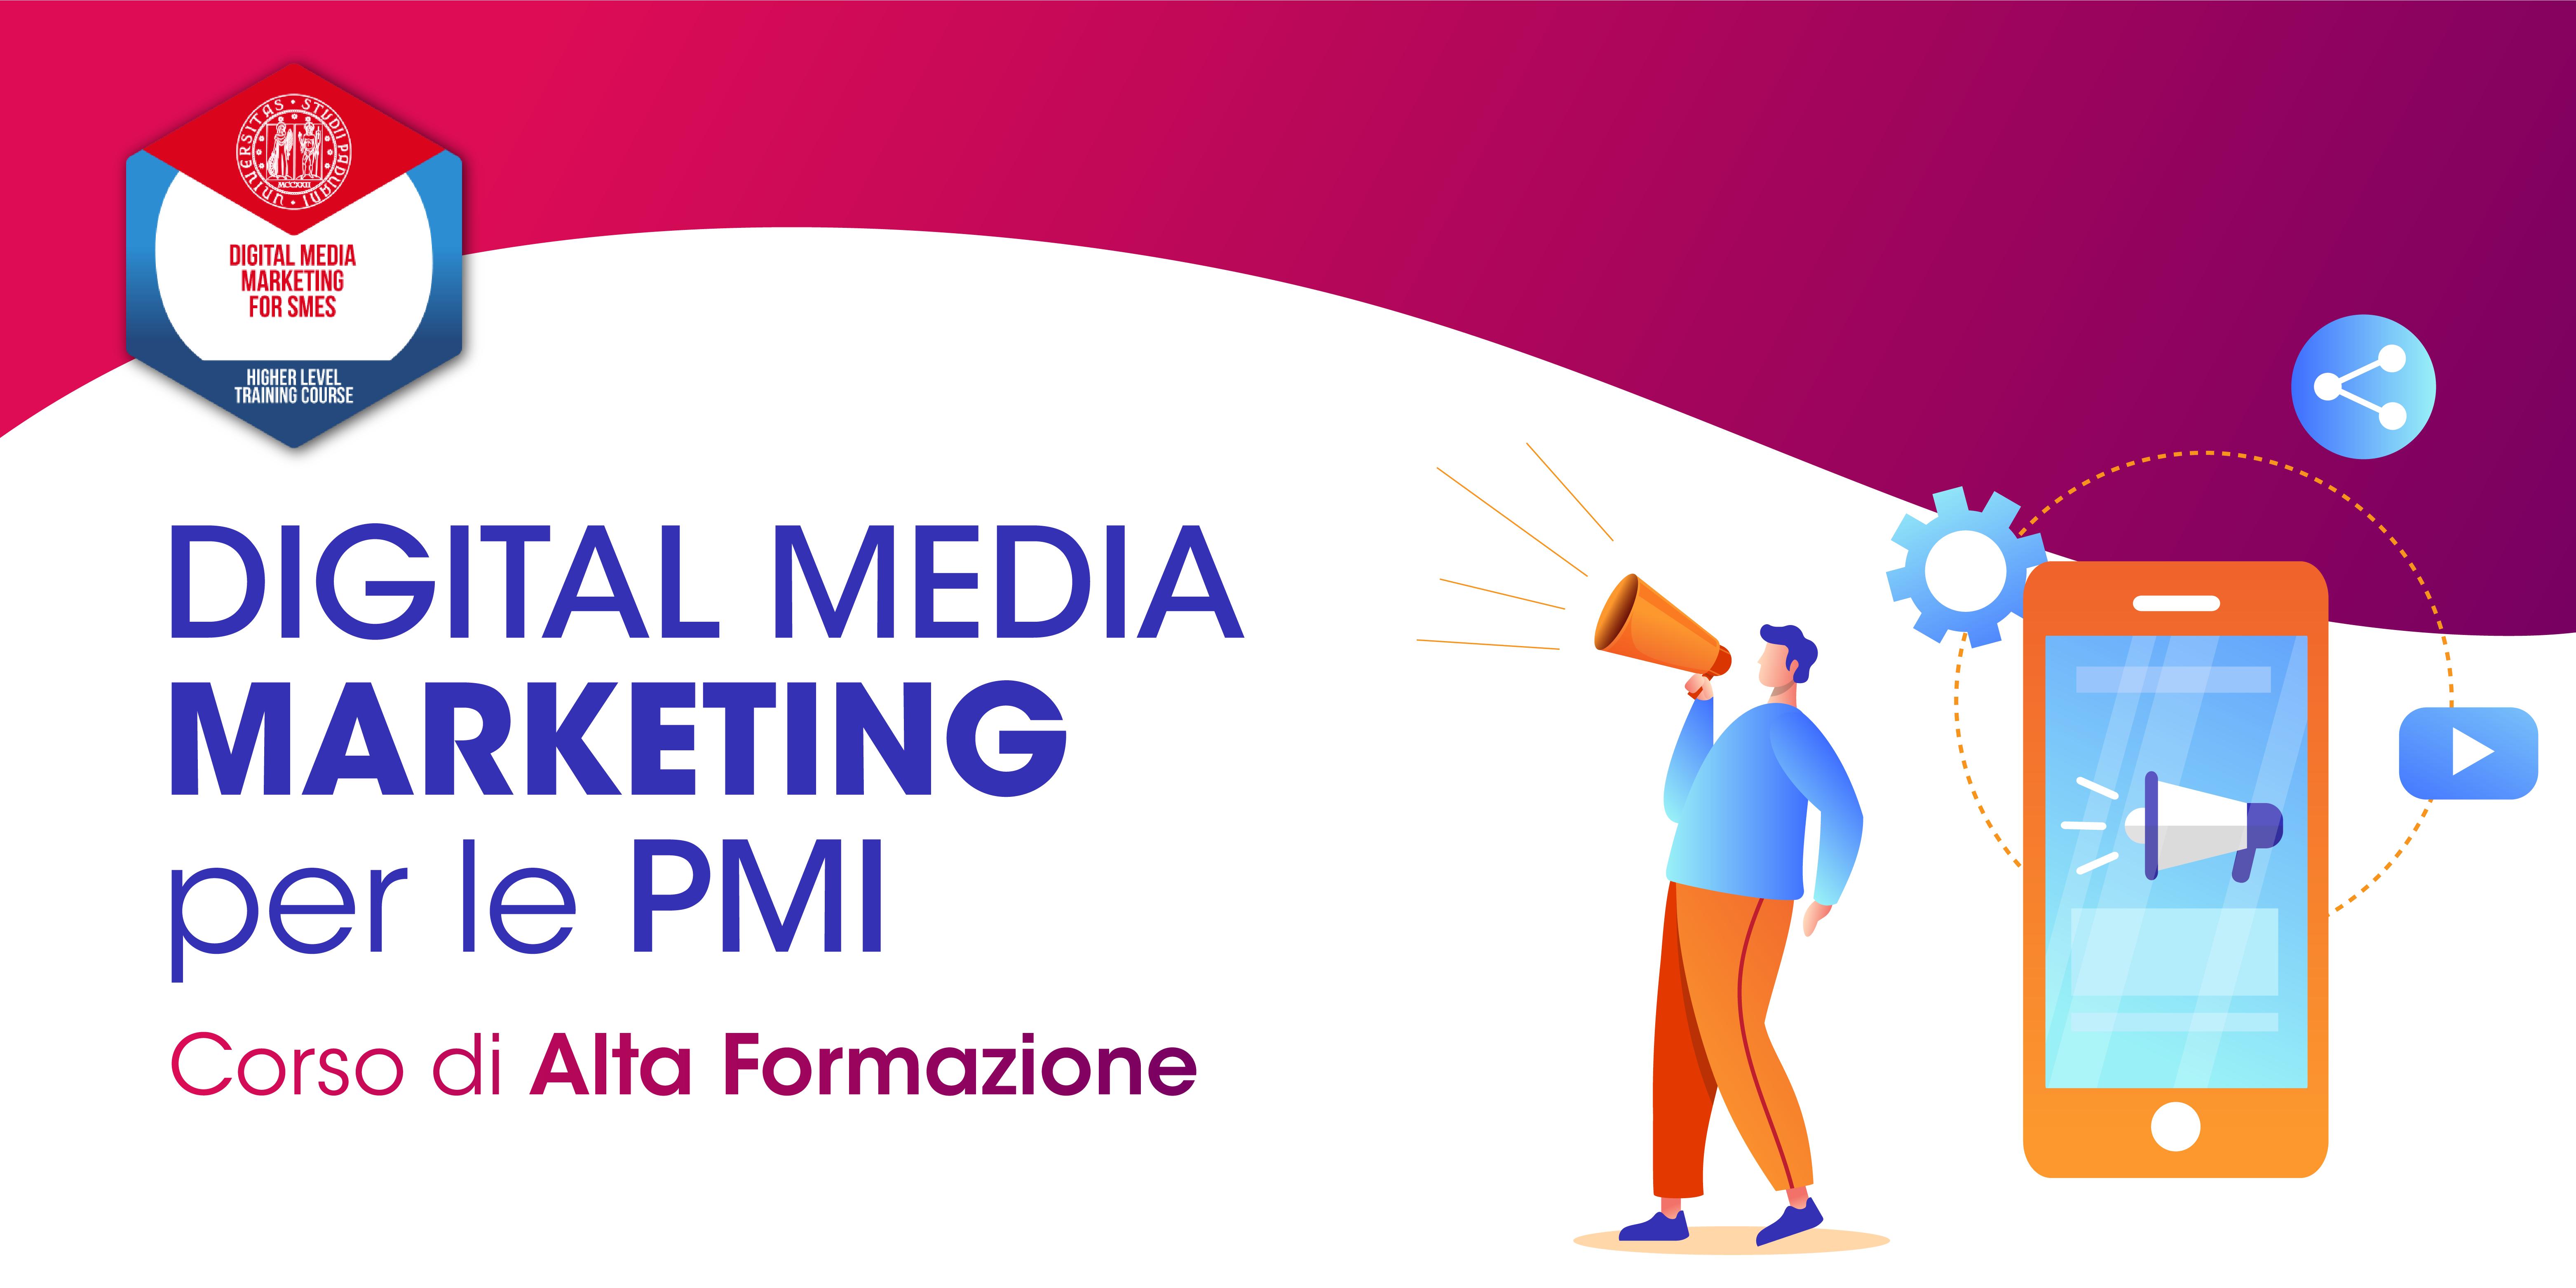 corso-alta-formazione-digital-media-marketing